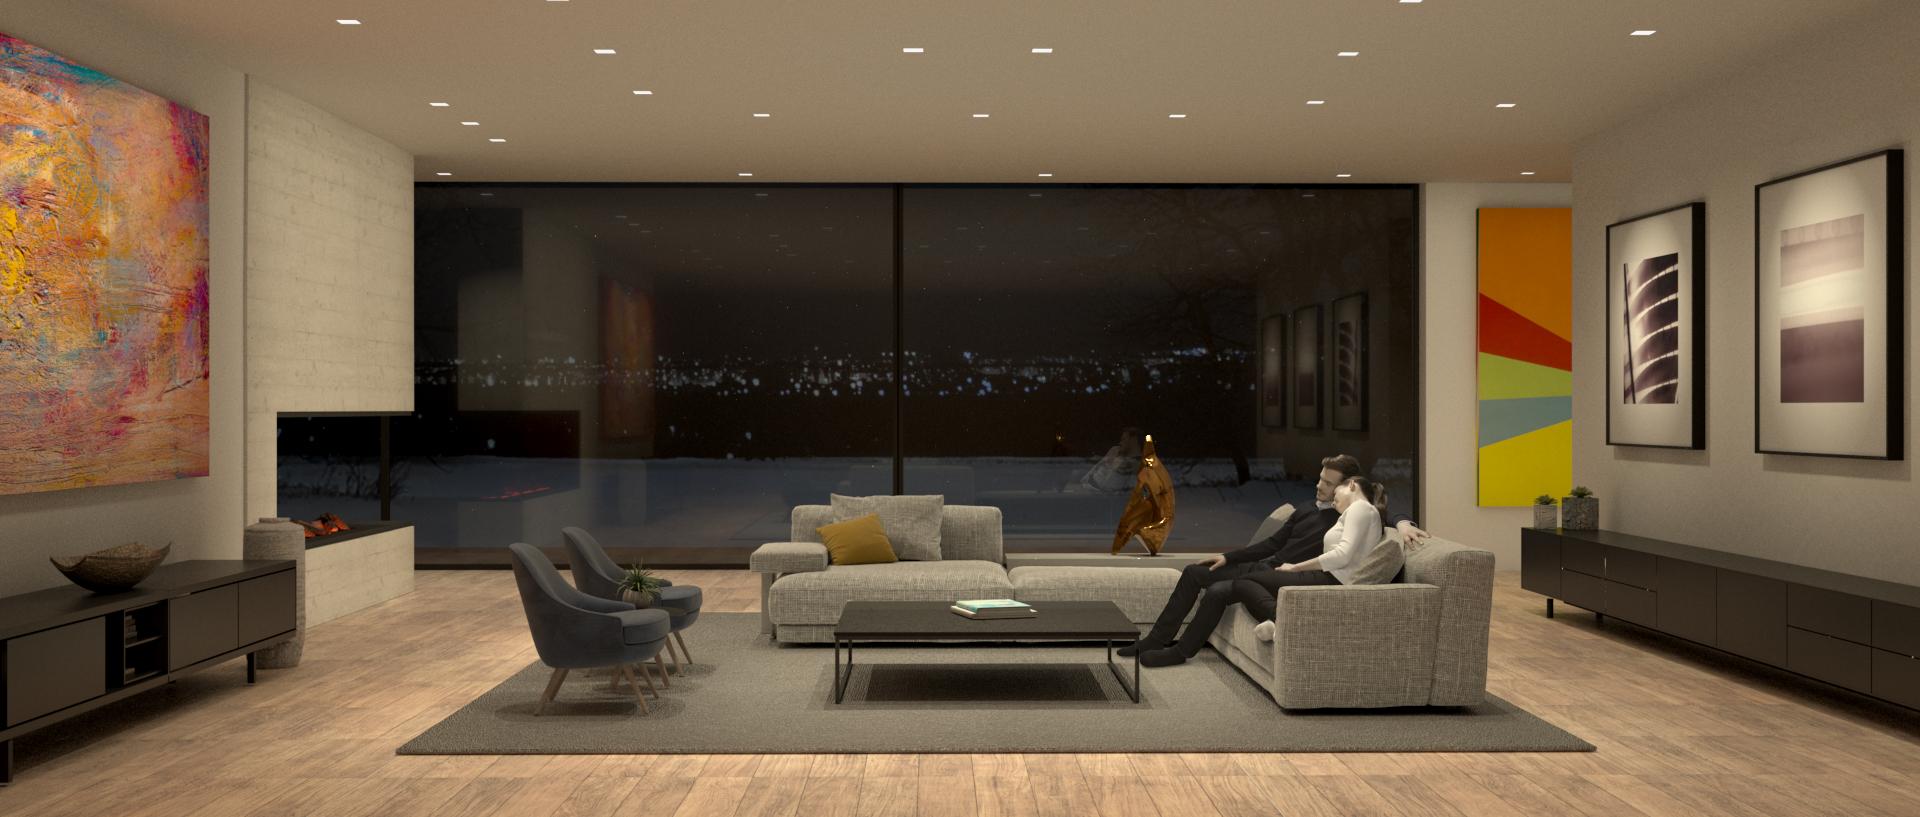 Tech Lighting End Frame - Room Design & Final Comp